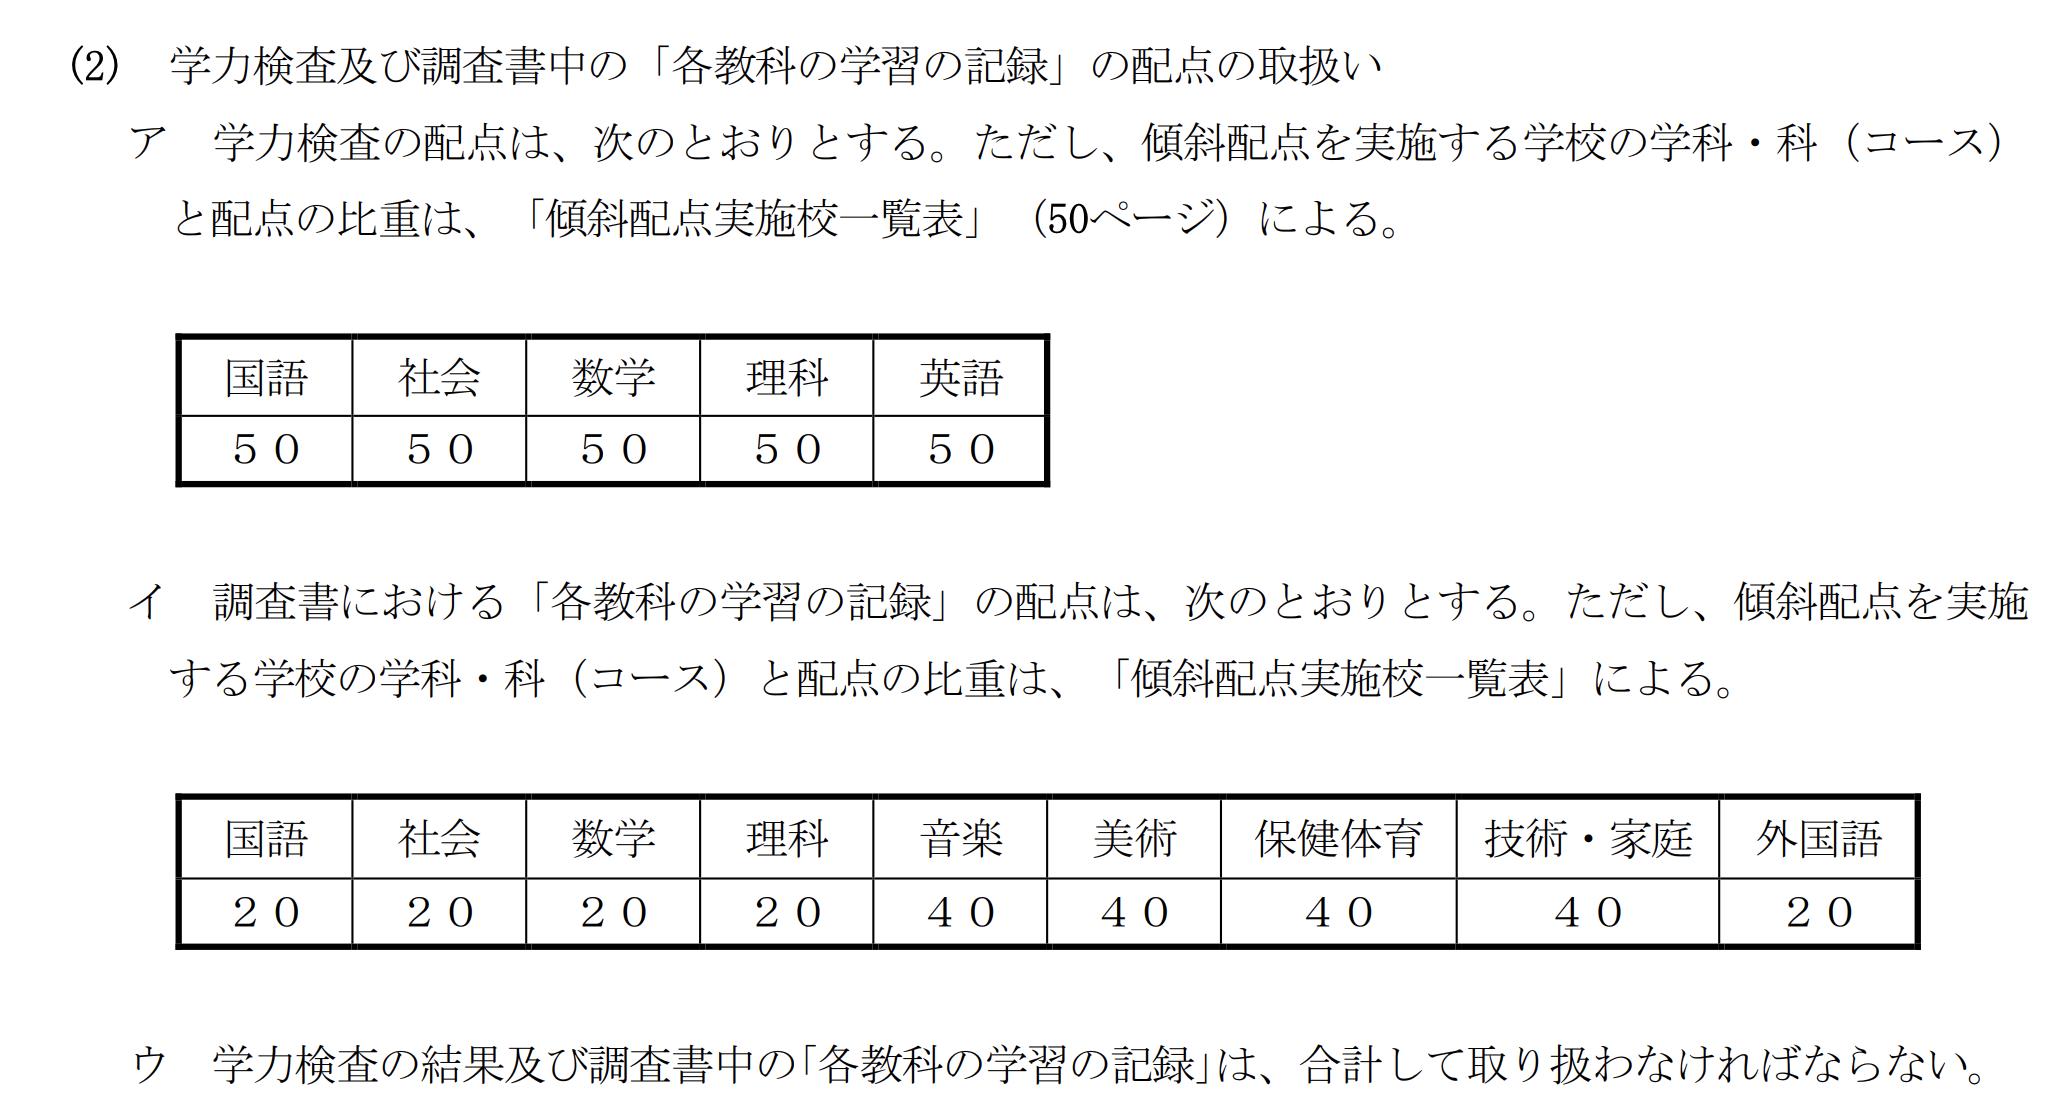 高知県公立高校入試制度1